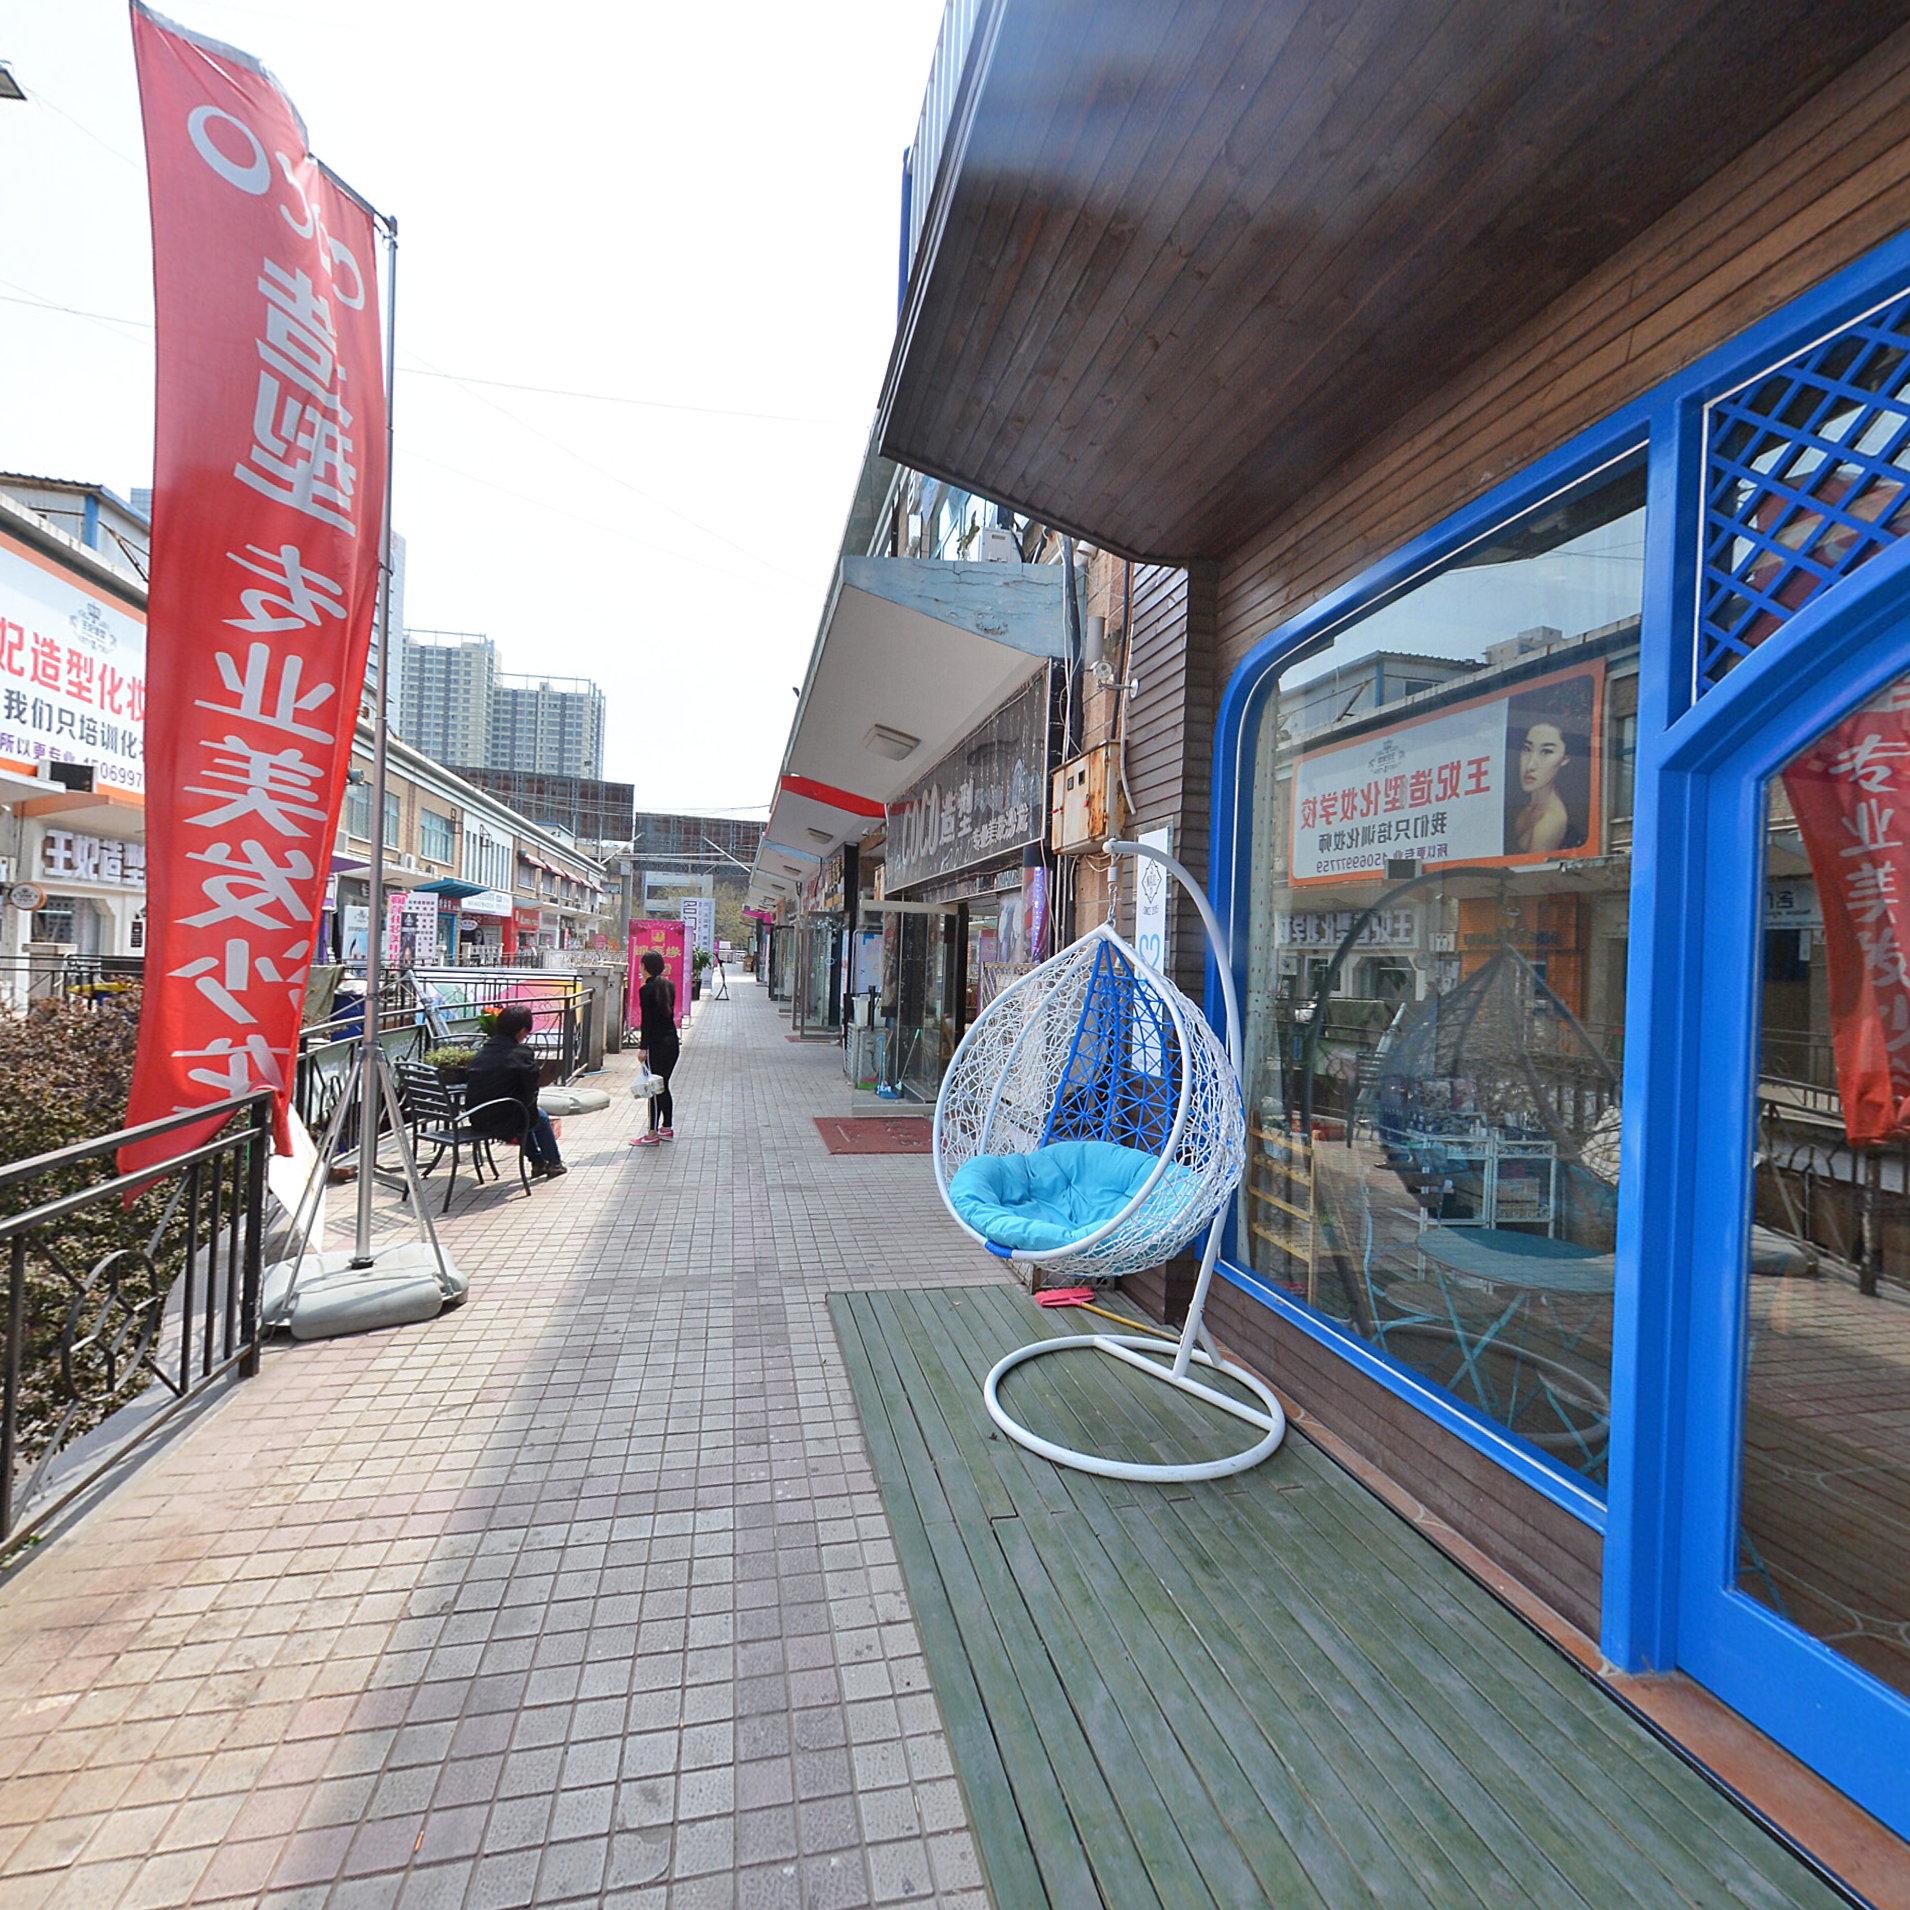 美甲店 全景云 全景vr图片 虚拟现实 vr 360°